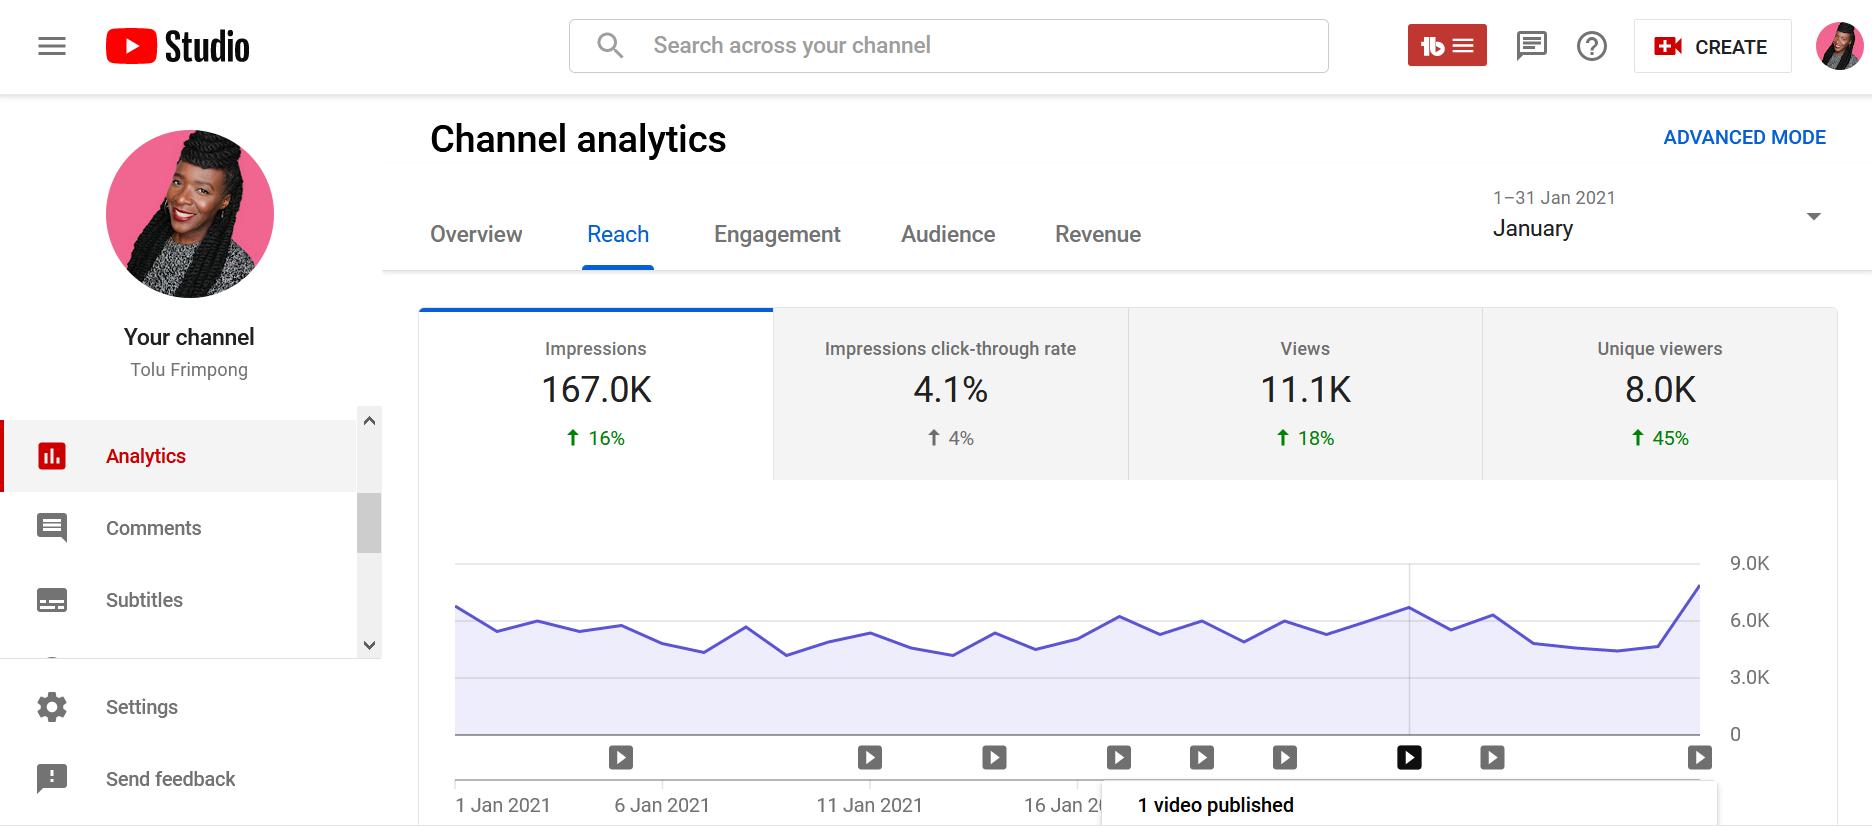 January YouTube analytics